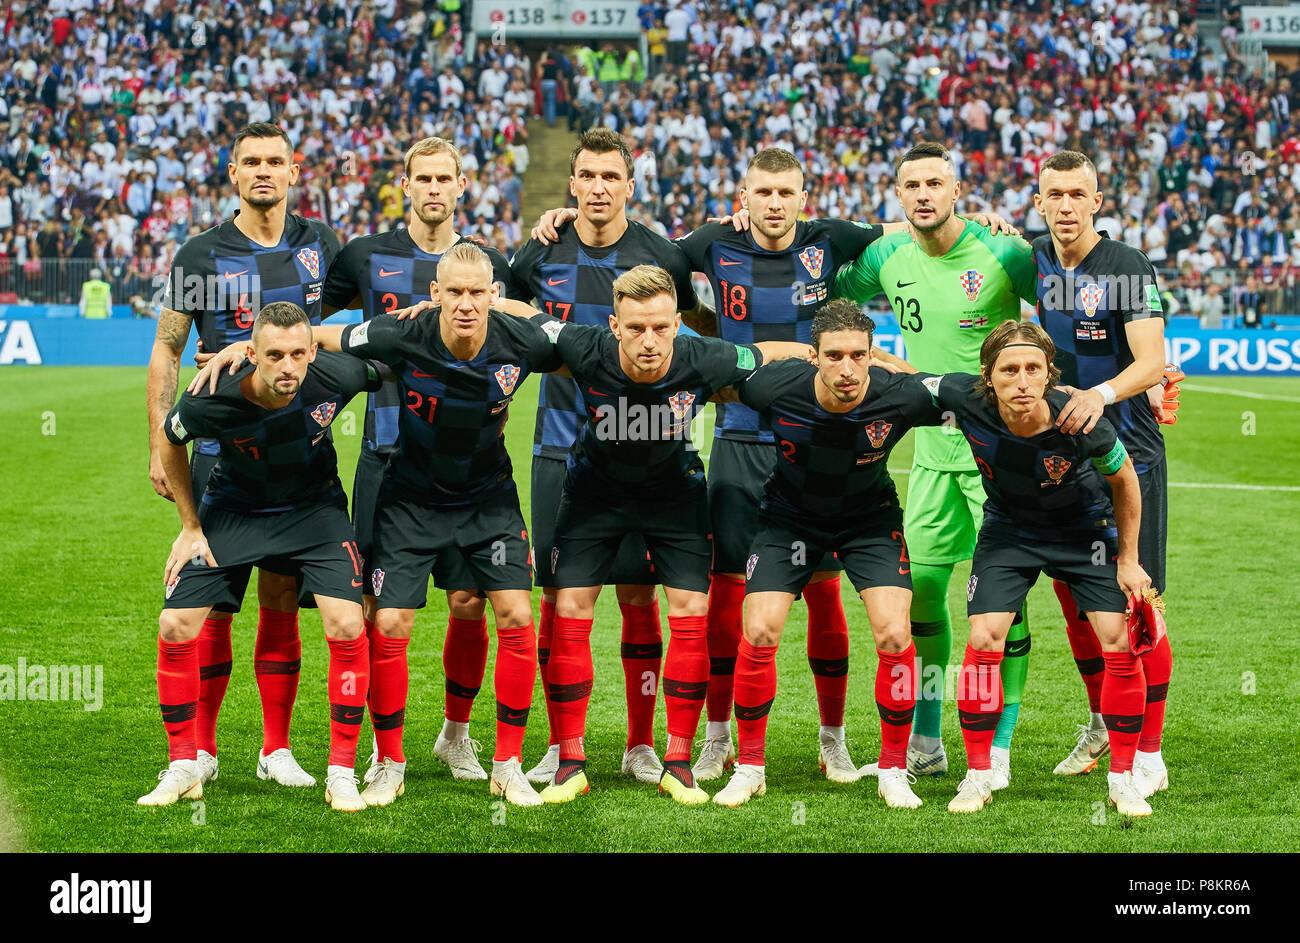 Rakitic CROATIA Football Team Perisic Mandzukic Vida T- shirt Modric